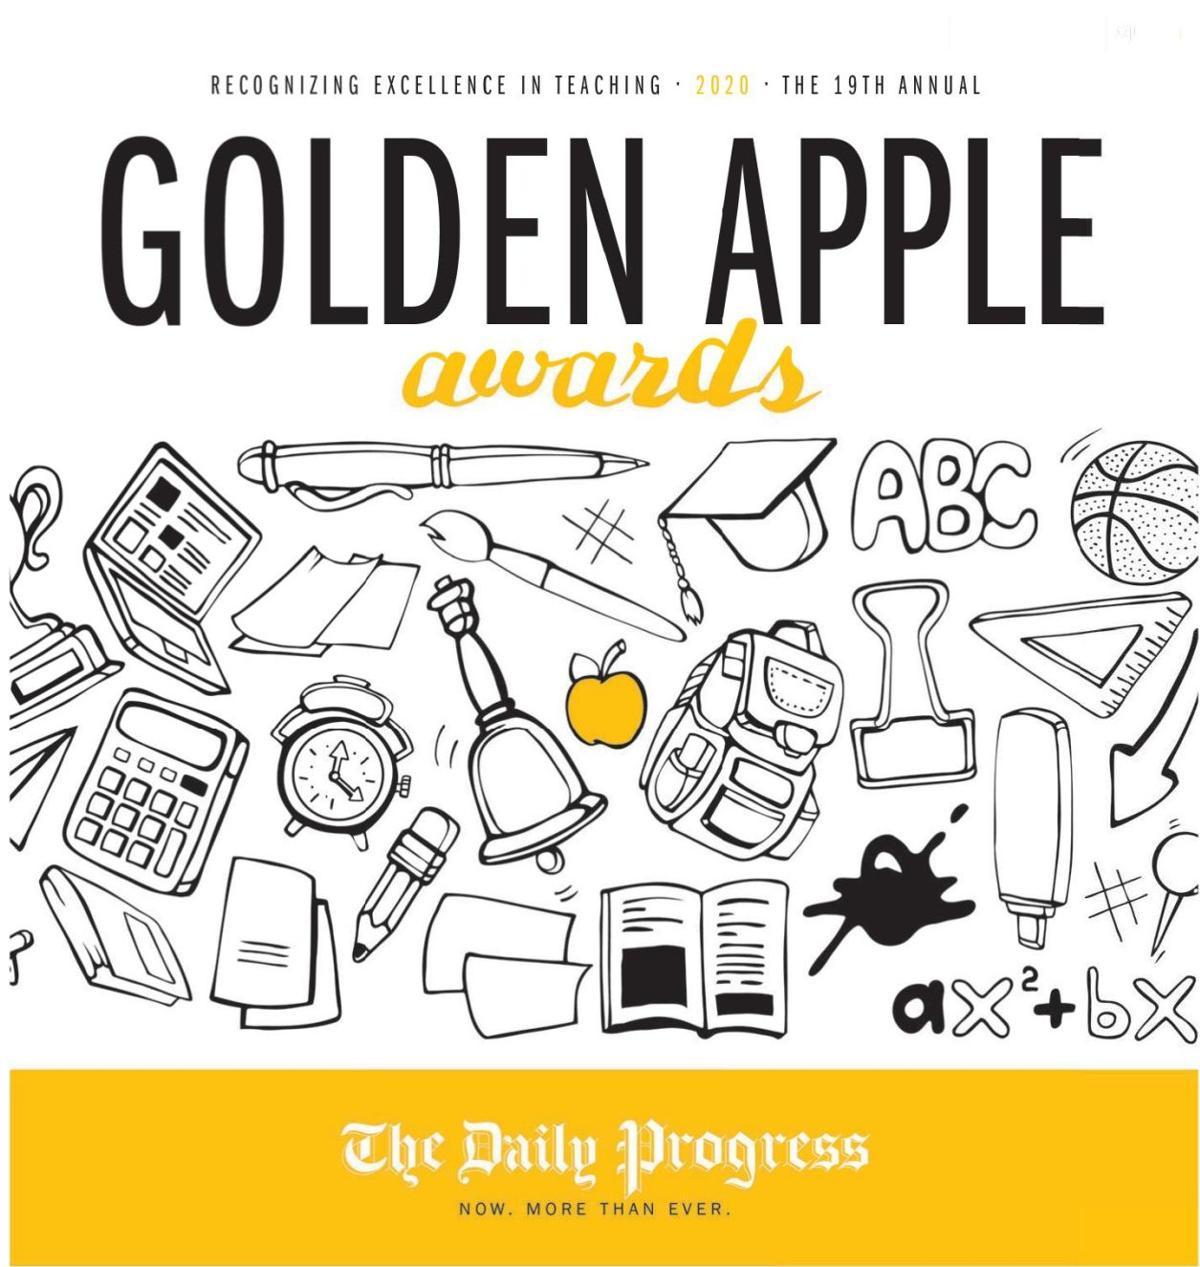 2020 Golden Apple Awards